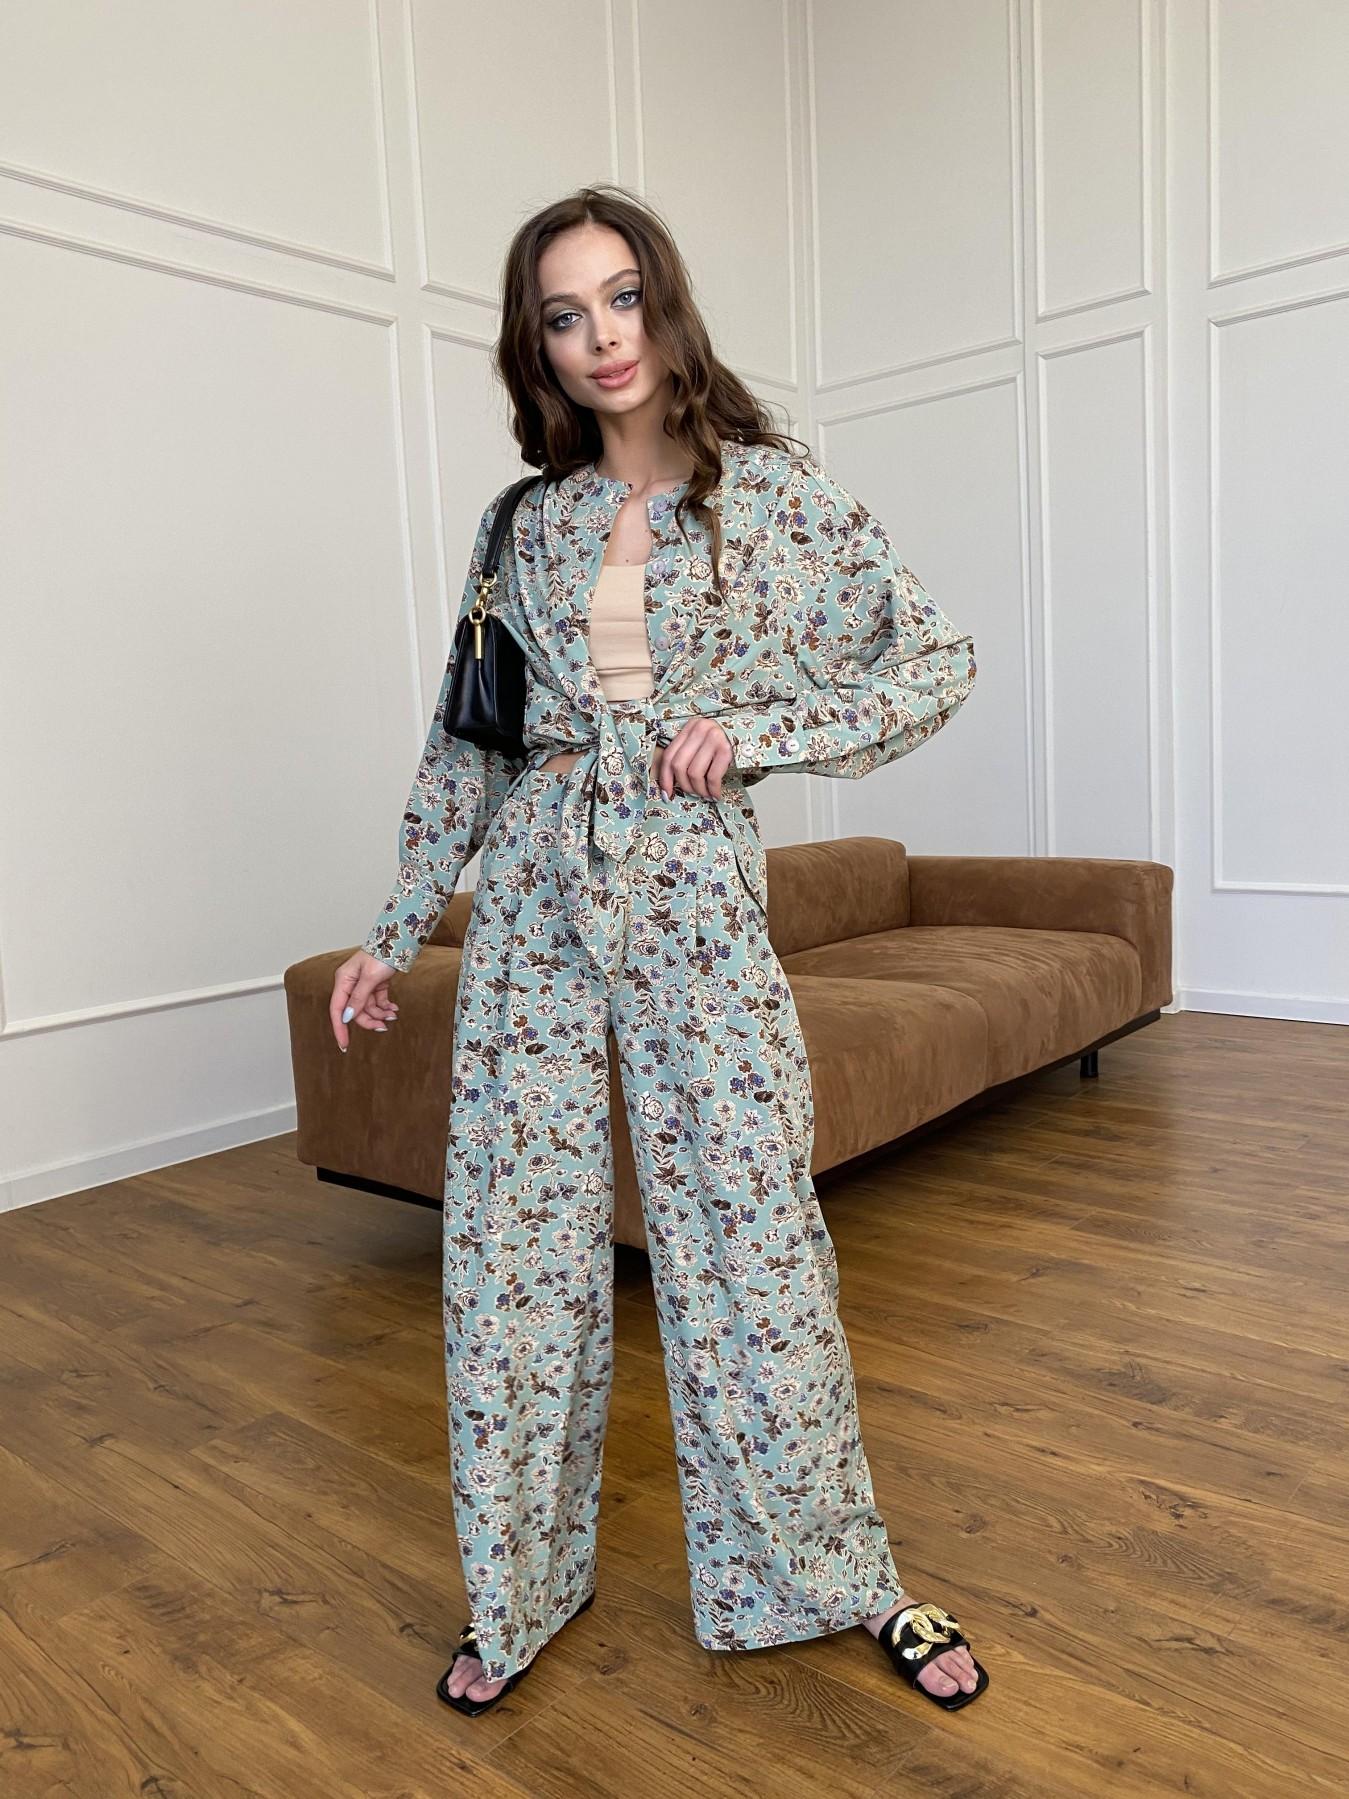 Женская одежда от производителя Modus Колибри костюм софт с принтом 11244